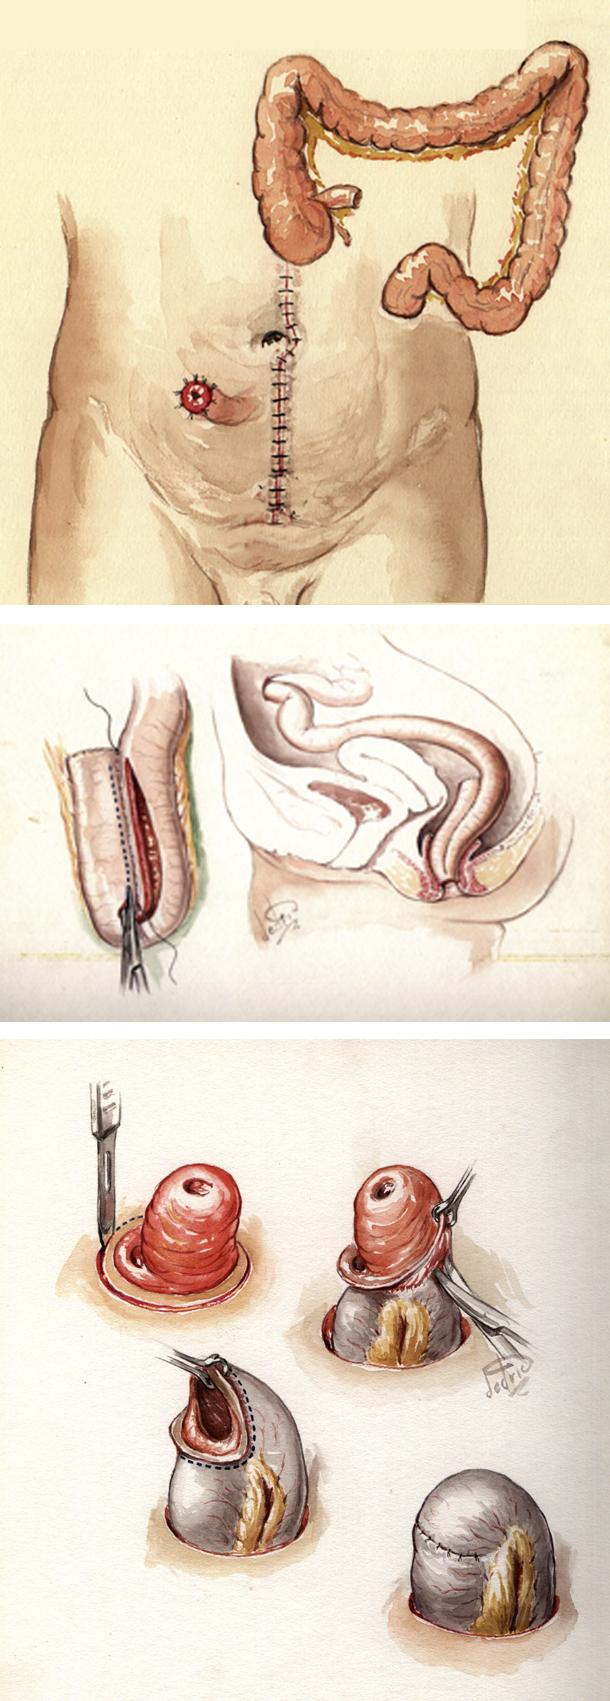 Figur 1: Tre operasjoner; først colektomi med iliostomi. Deretter rektum reseksjon med reservoar anleggelse, vanligvis etter 4-6 måneder, Til slutt lukning av iliostomi etter ytterligere 2-3 måneder.